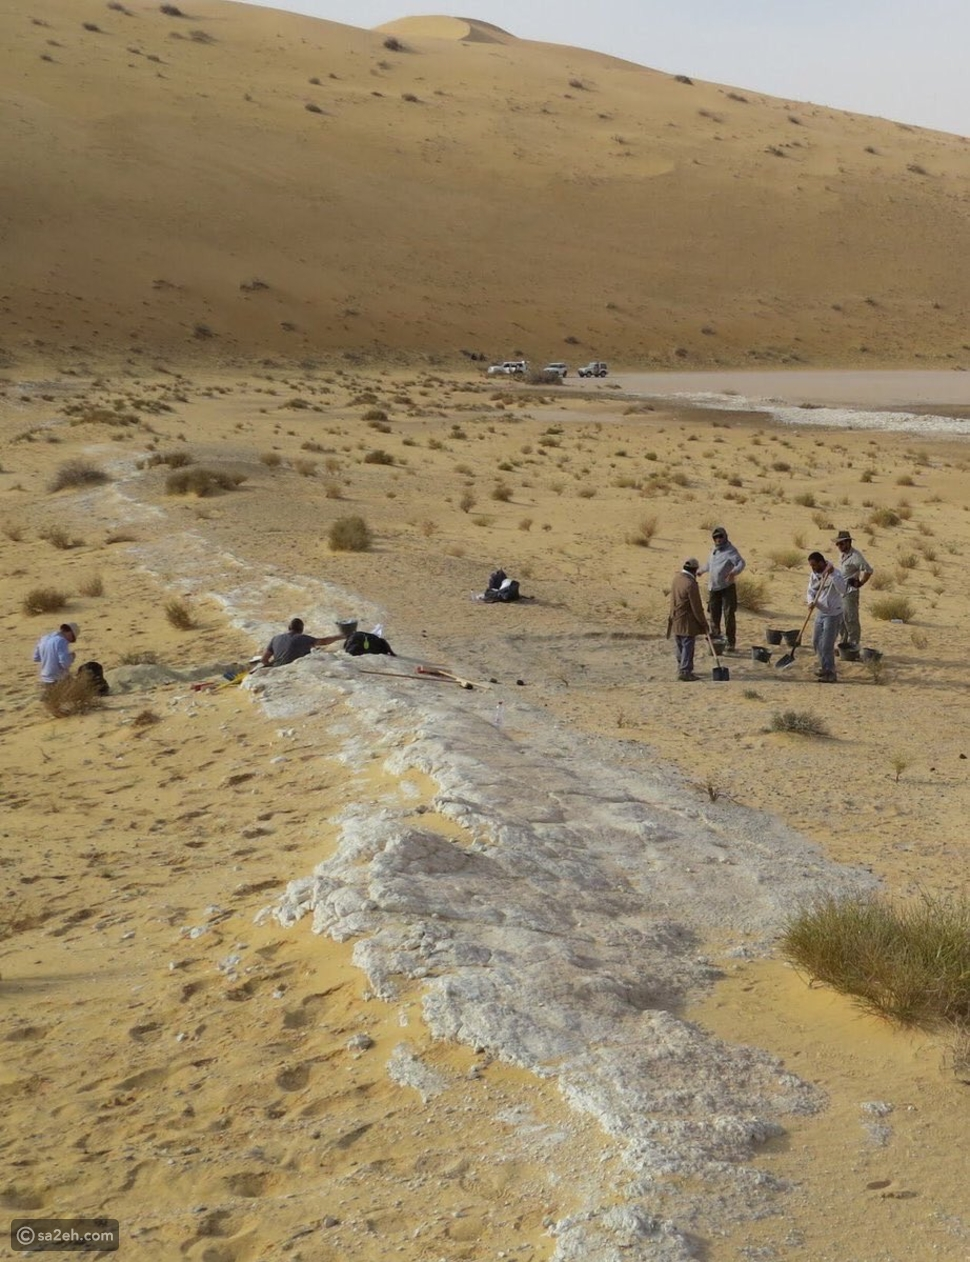 آثار لأقدام وأنهار وغابات: هل كانت الجزيرة العربية خضراء؟